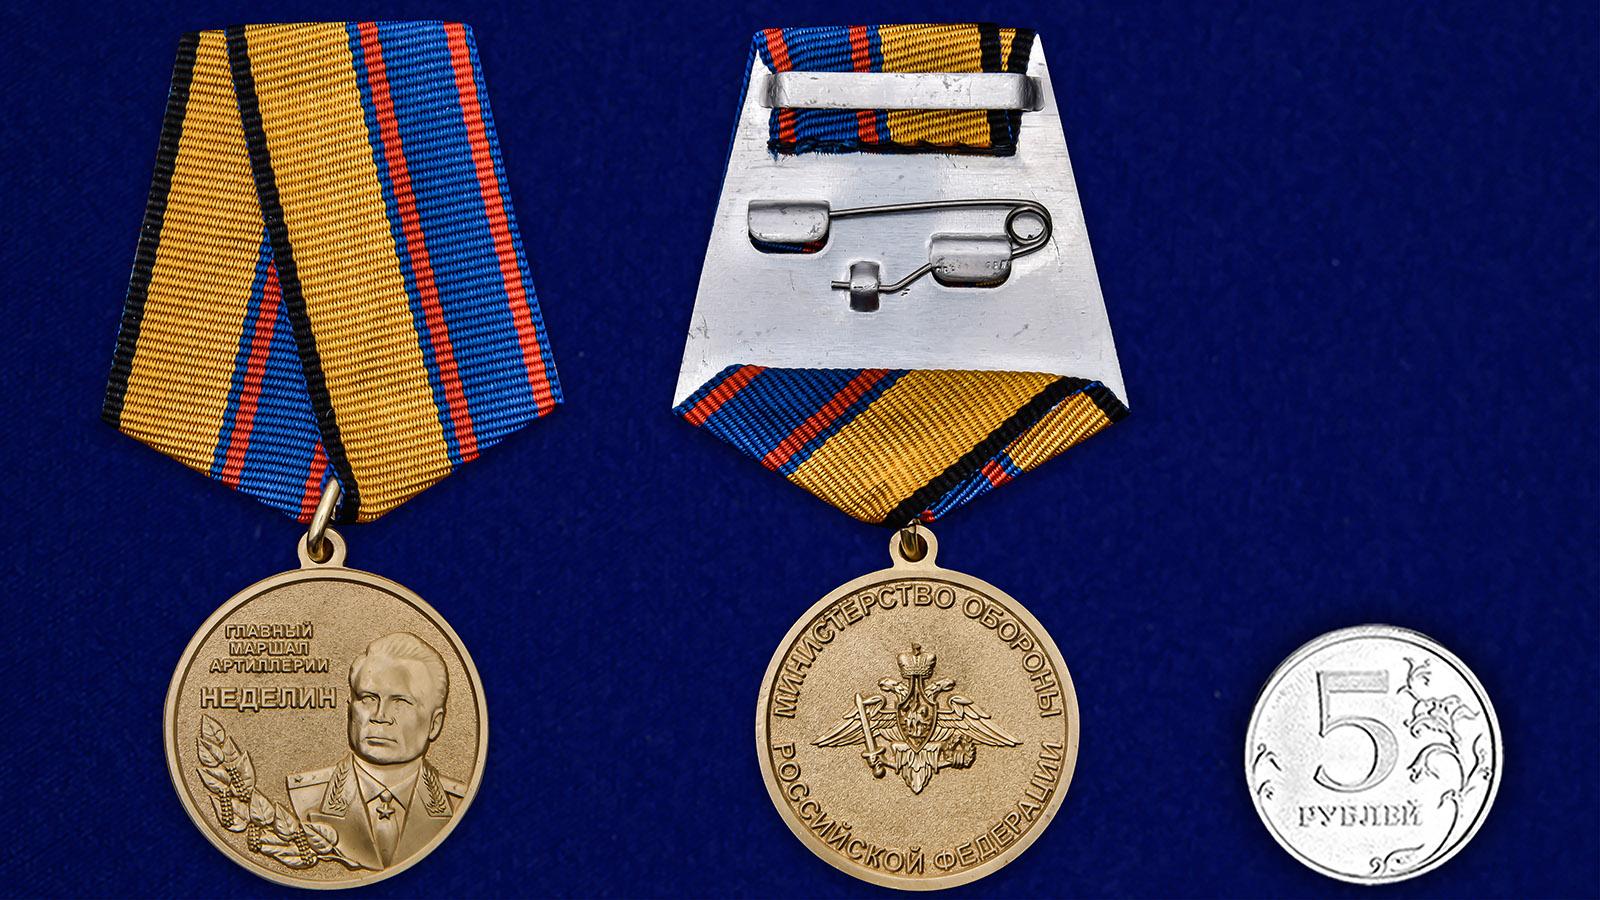 Медаль Главный маршал артиллерии Неделин - сравнительные размеры